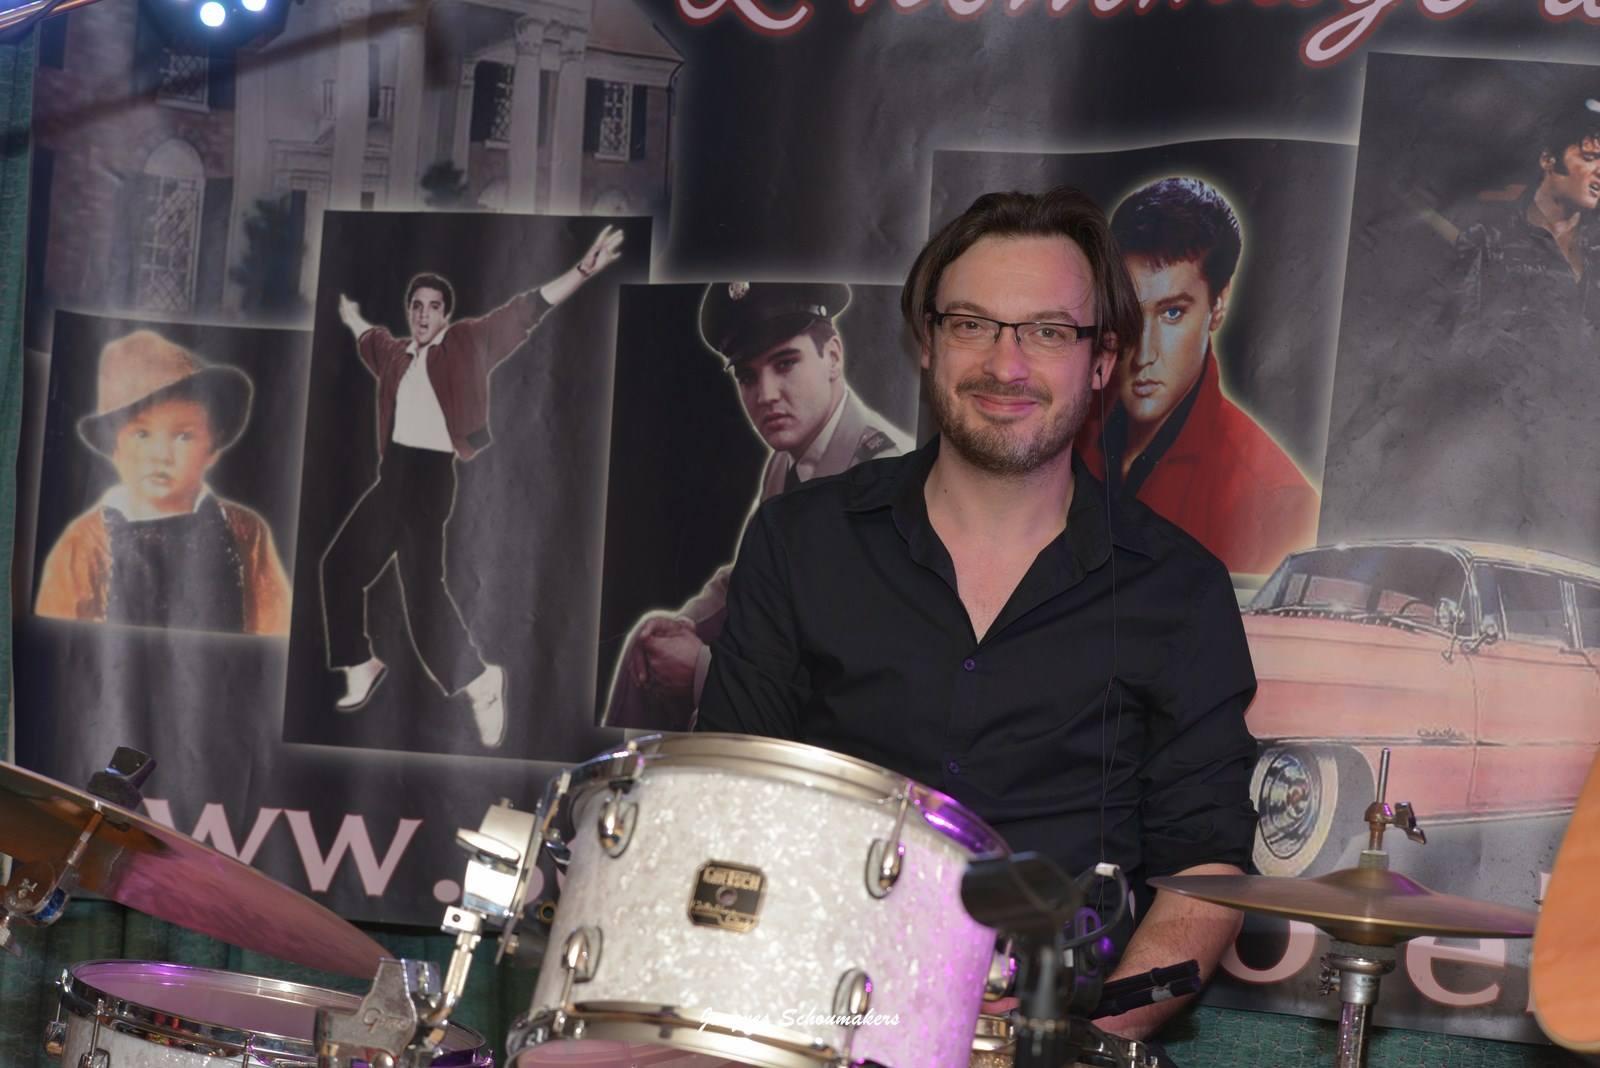 201-Sebastian-For-Elvis-Croisiere-americaine-pays-de-liege-facebook